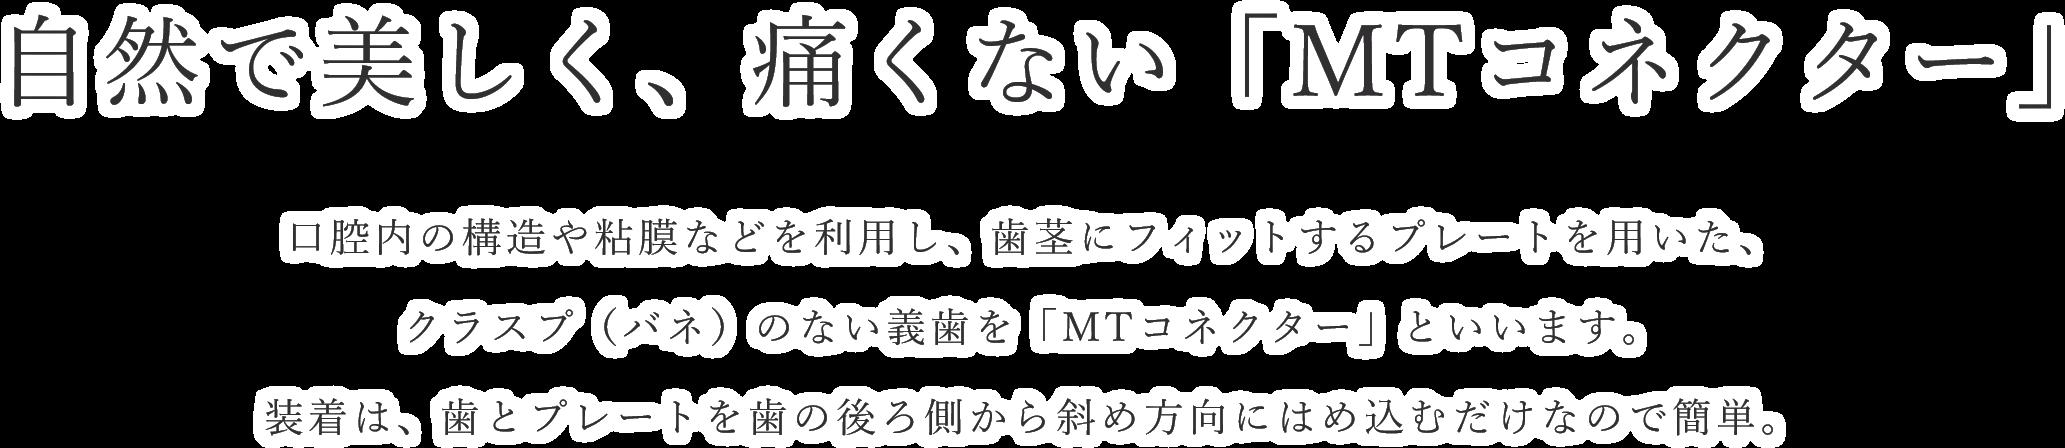 MTコネクター